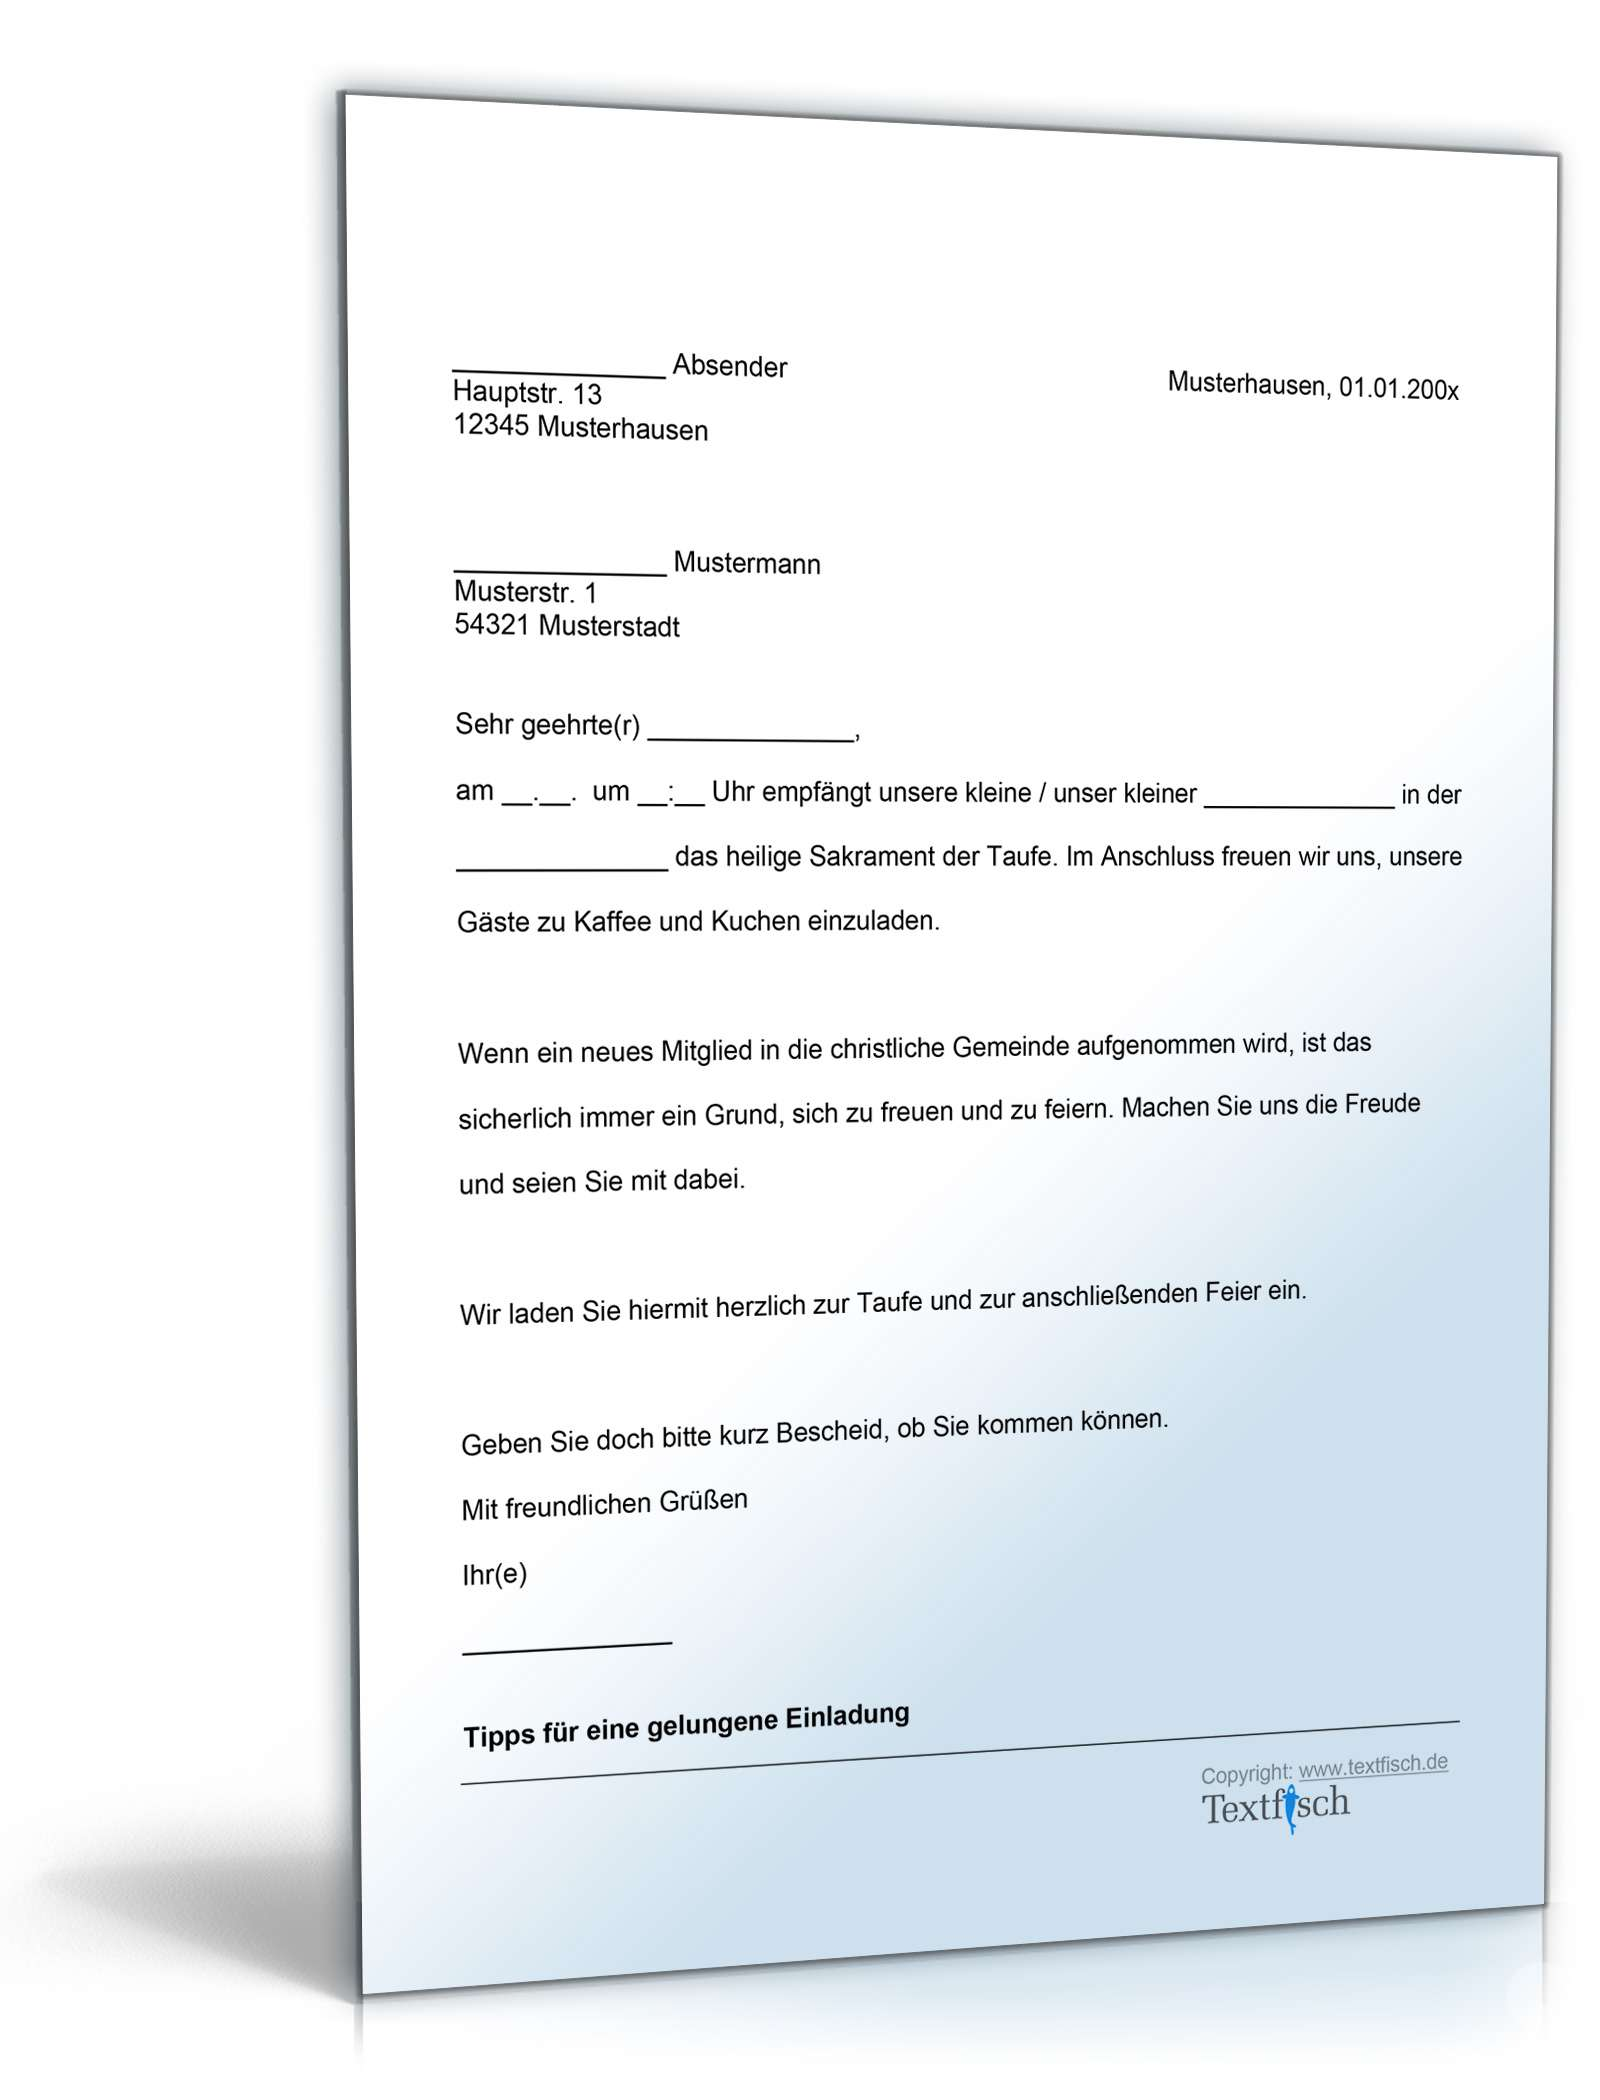 Einladung Taufe Vorlage Zum Download